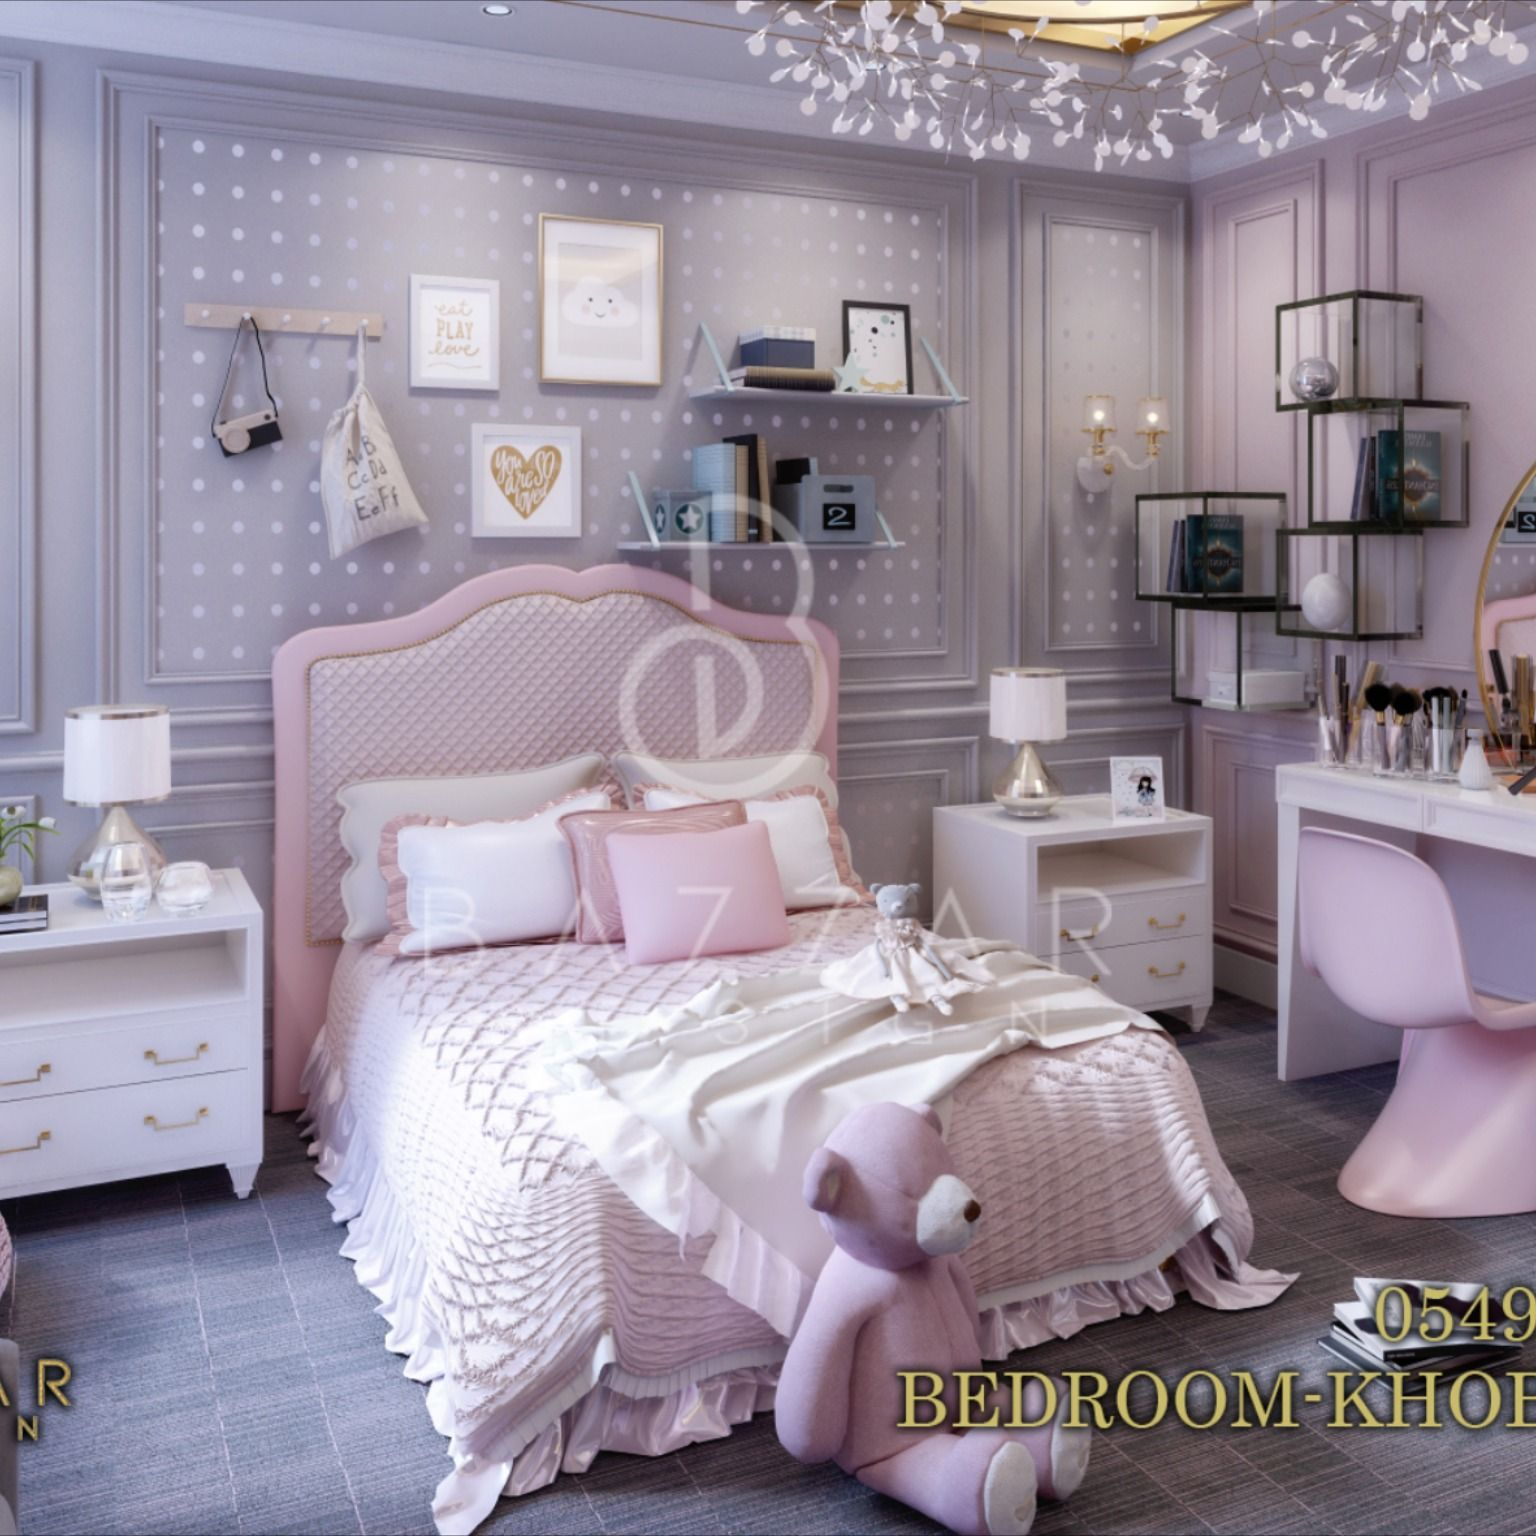 اجمل ديكورات جبس بورد غرف نوم 2020 مودرن Bedroom False Ceiling Design False Ceiling Living Room False Ceiling Bedroom